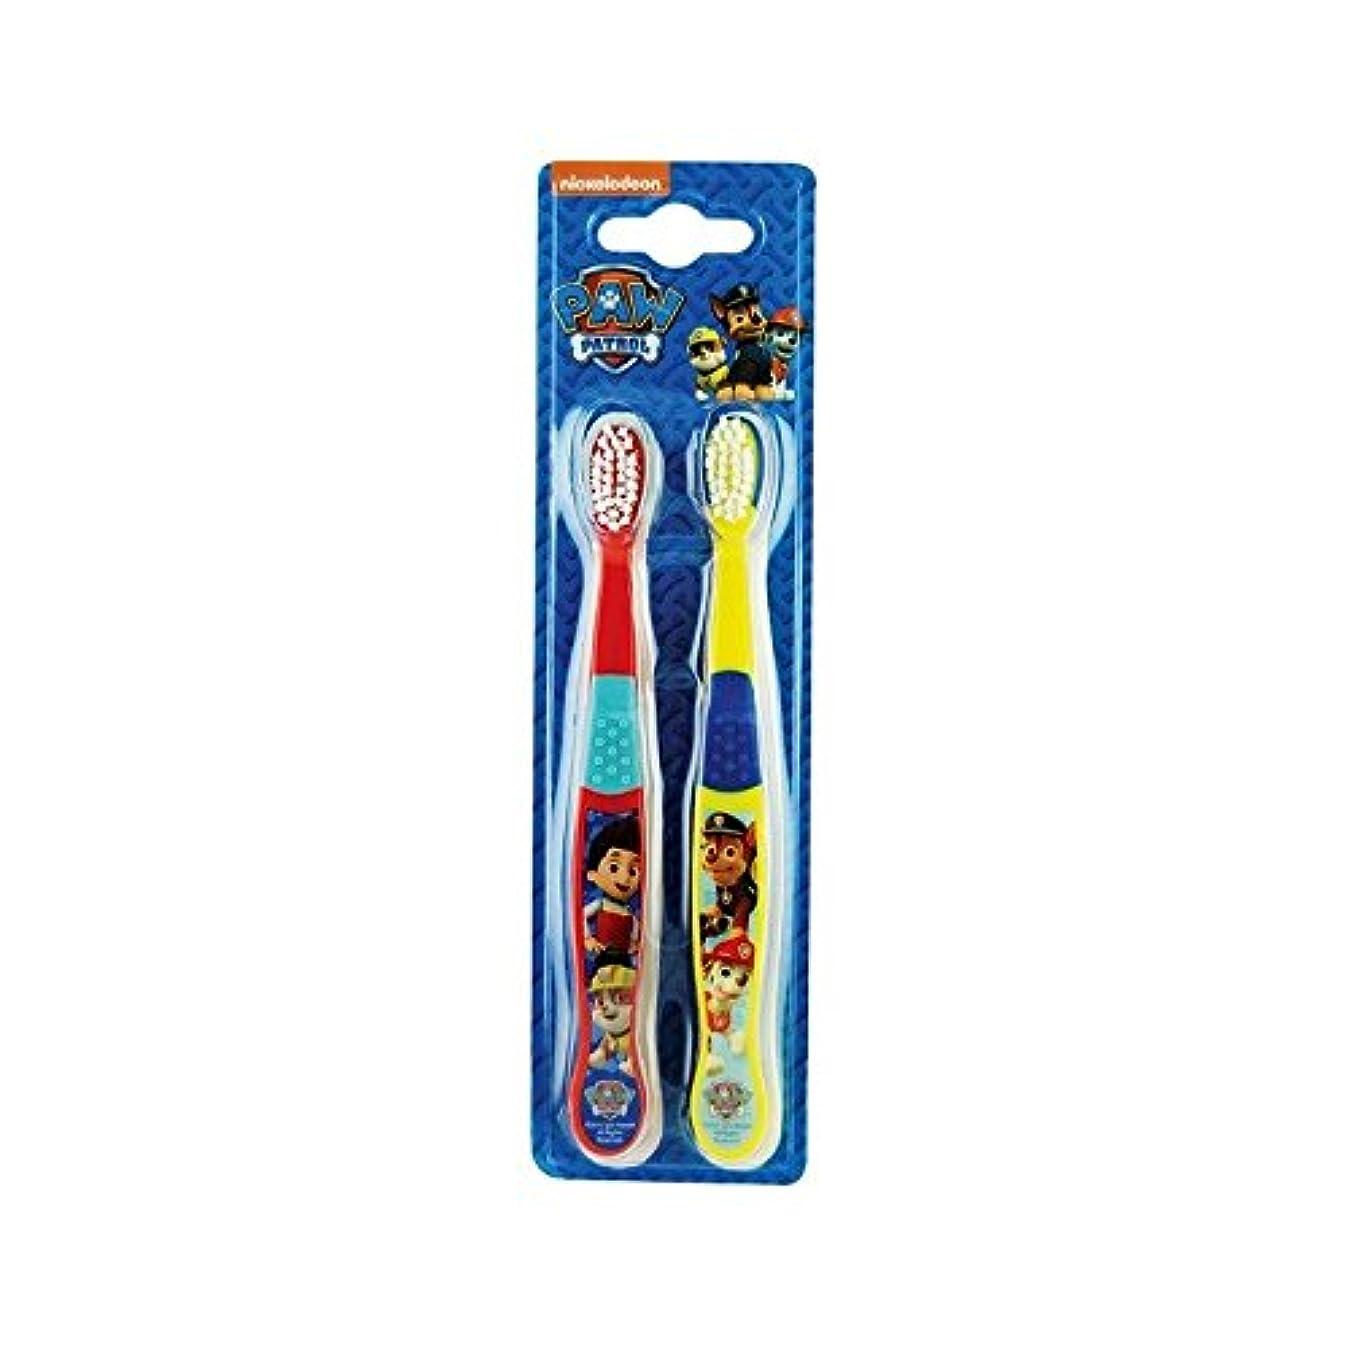 参加する緩める思われる1パックツイン歯ブラシ2 (Paw Patrol) (x 2) - Paw Patrol Twin Toothbrush 2 per pack (Pack of 2) [並行輸入品]